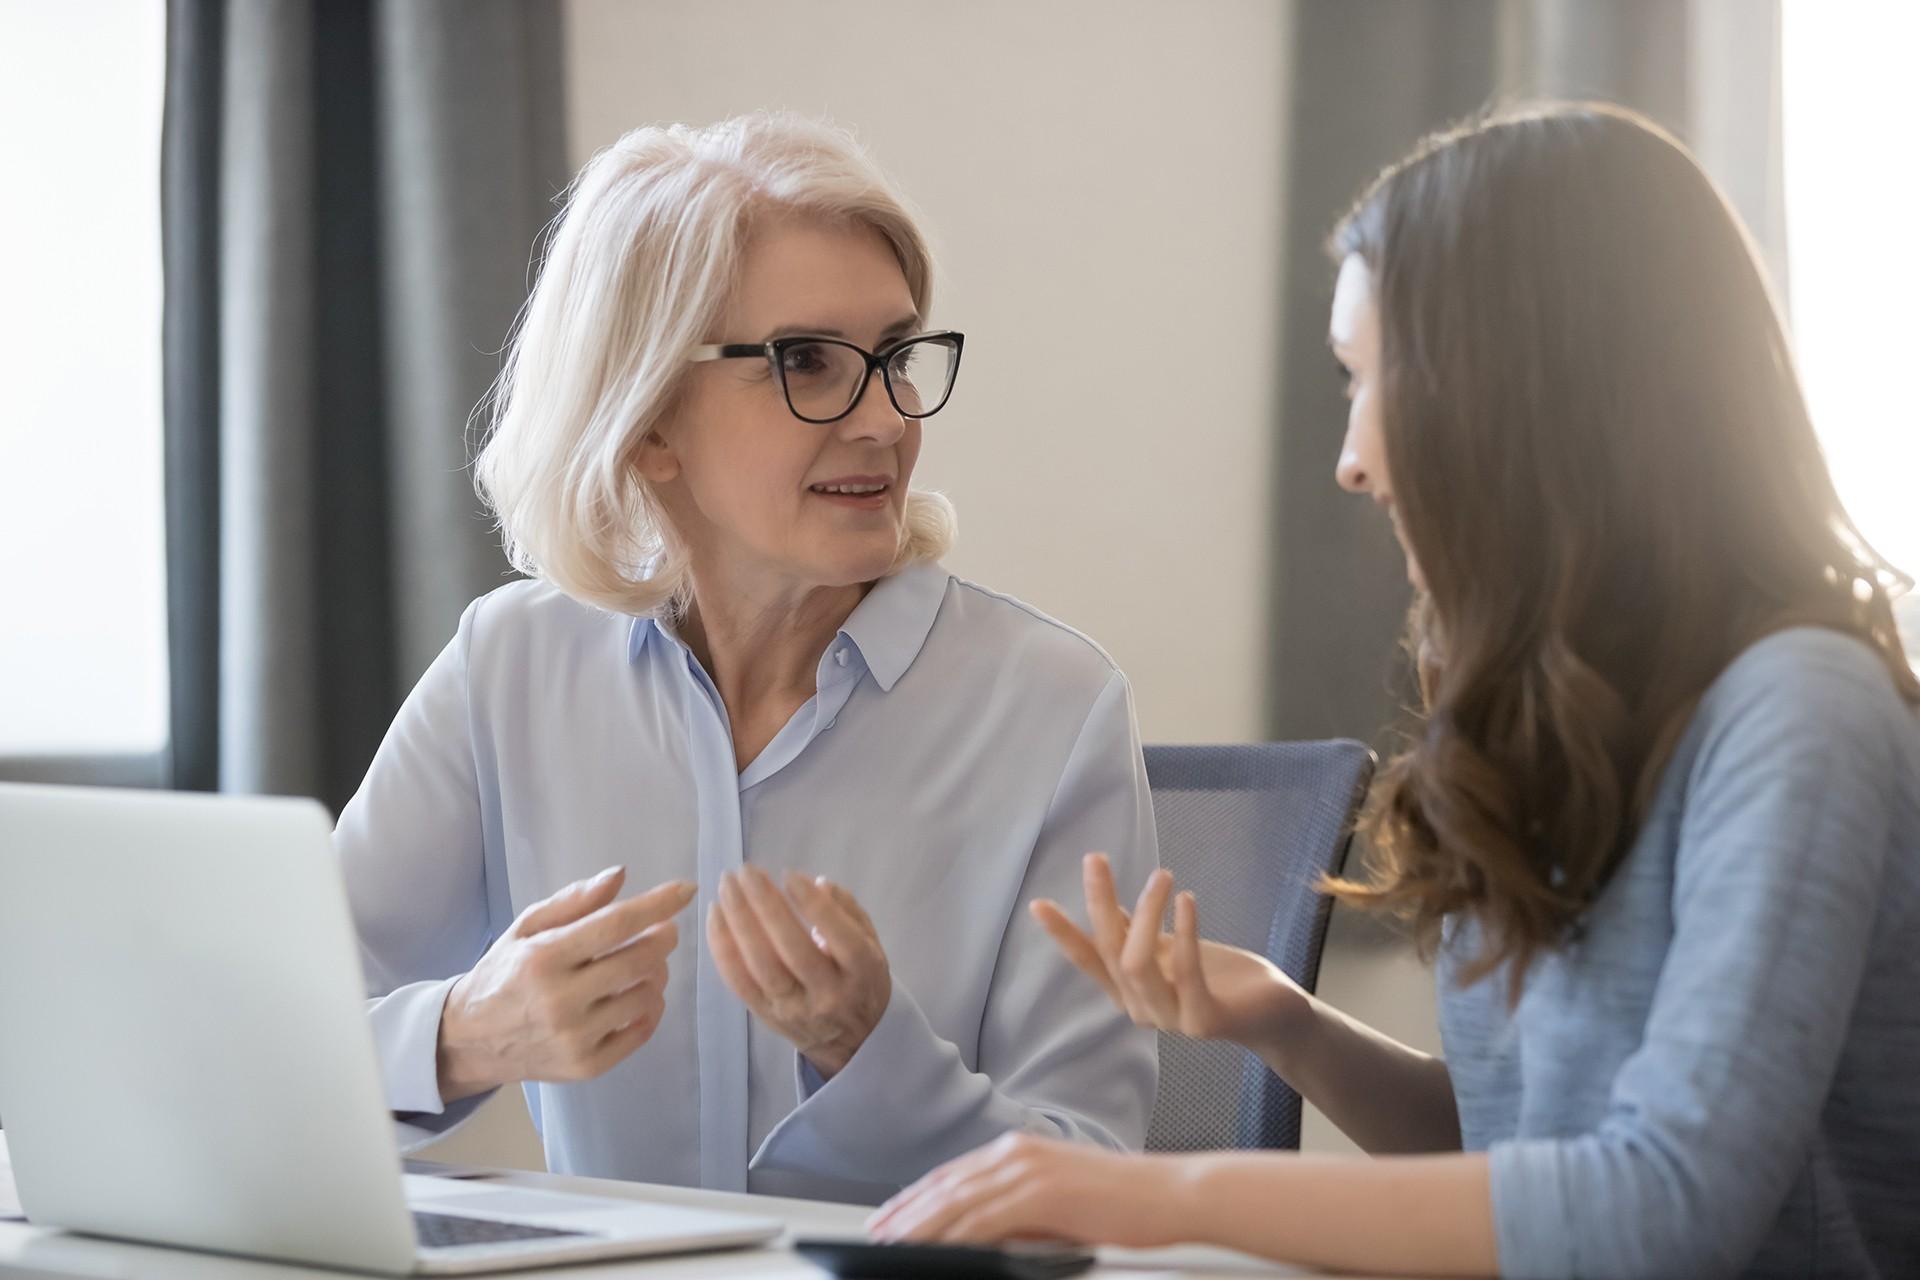 Två kvinnor samtalar